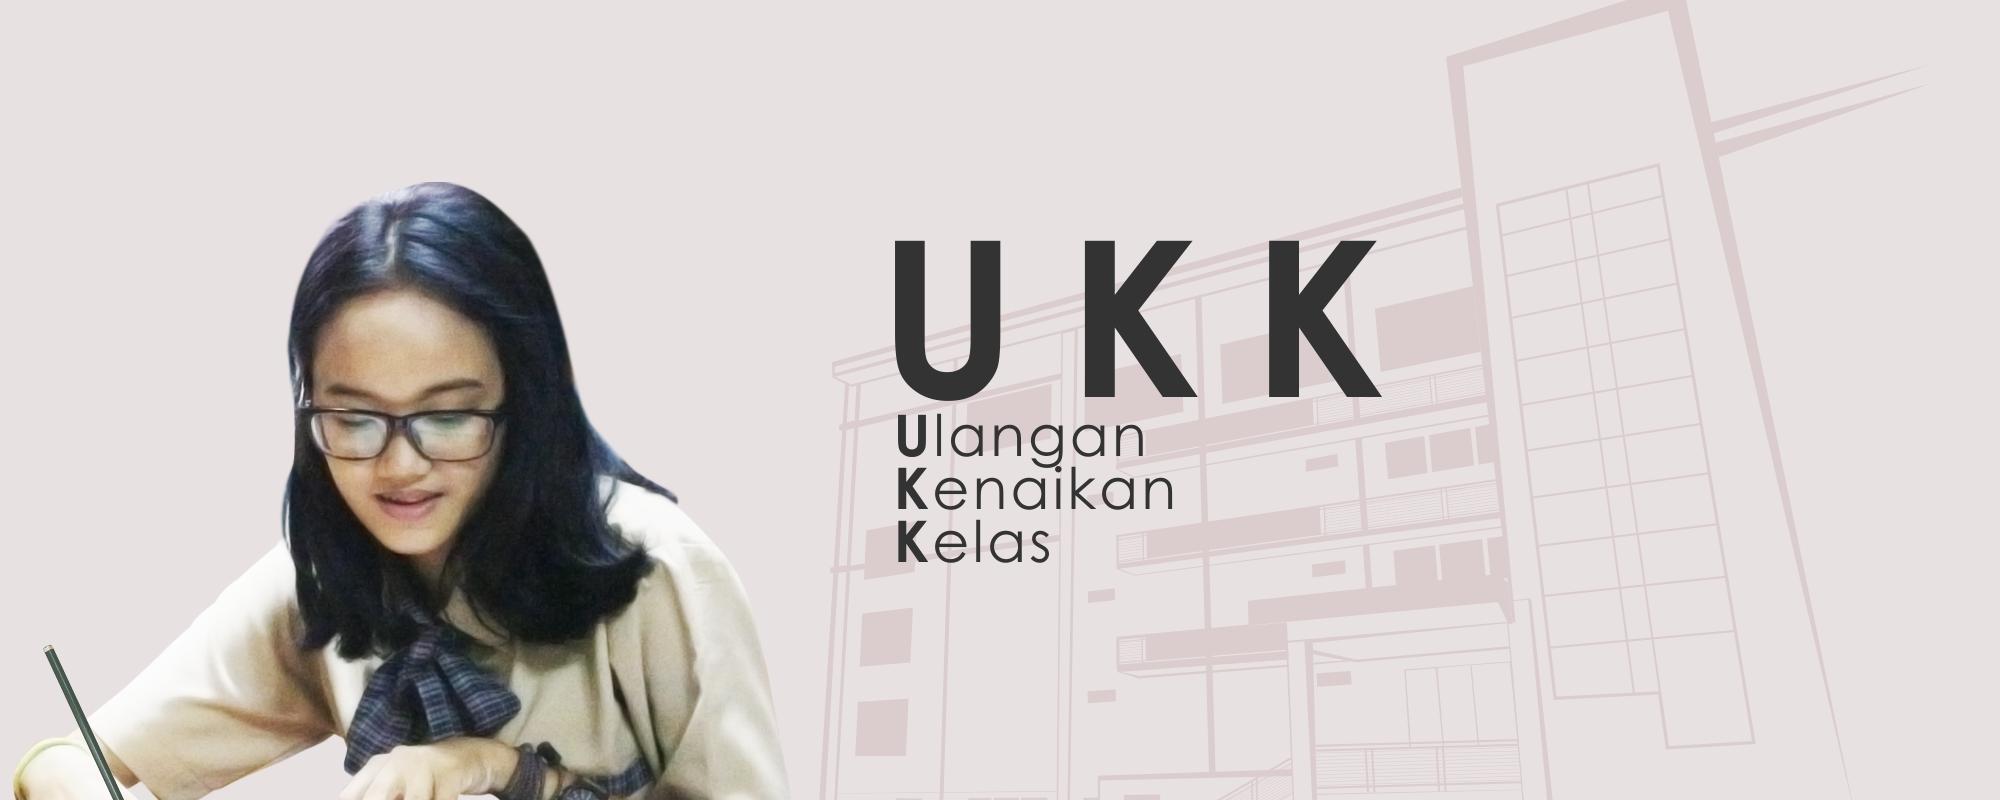 Ulangan Kenaikan Kelas SMK Bhakti Anindya Tangerang 2016